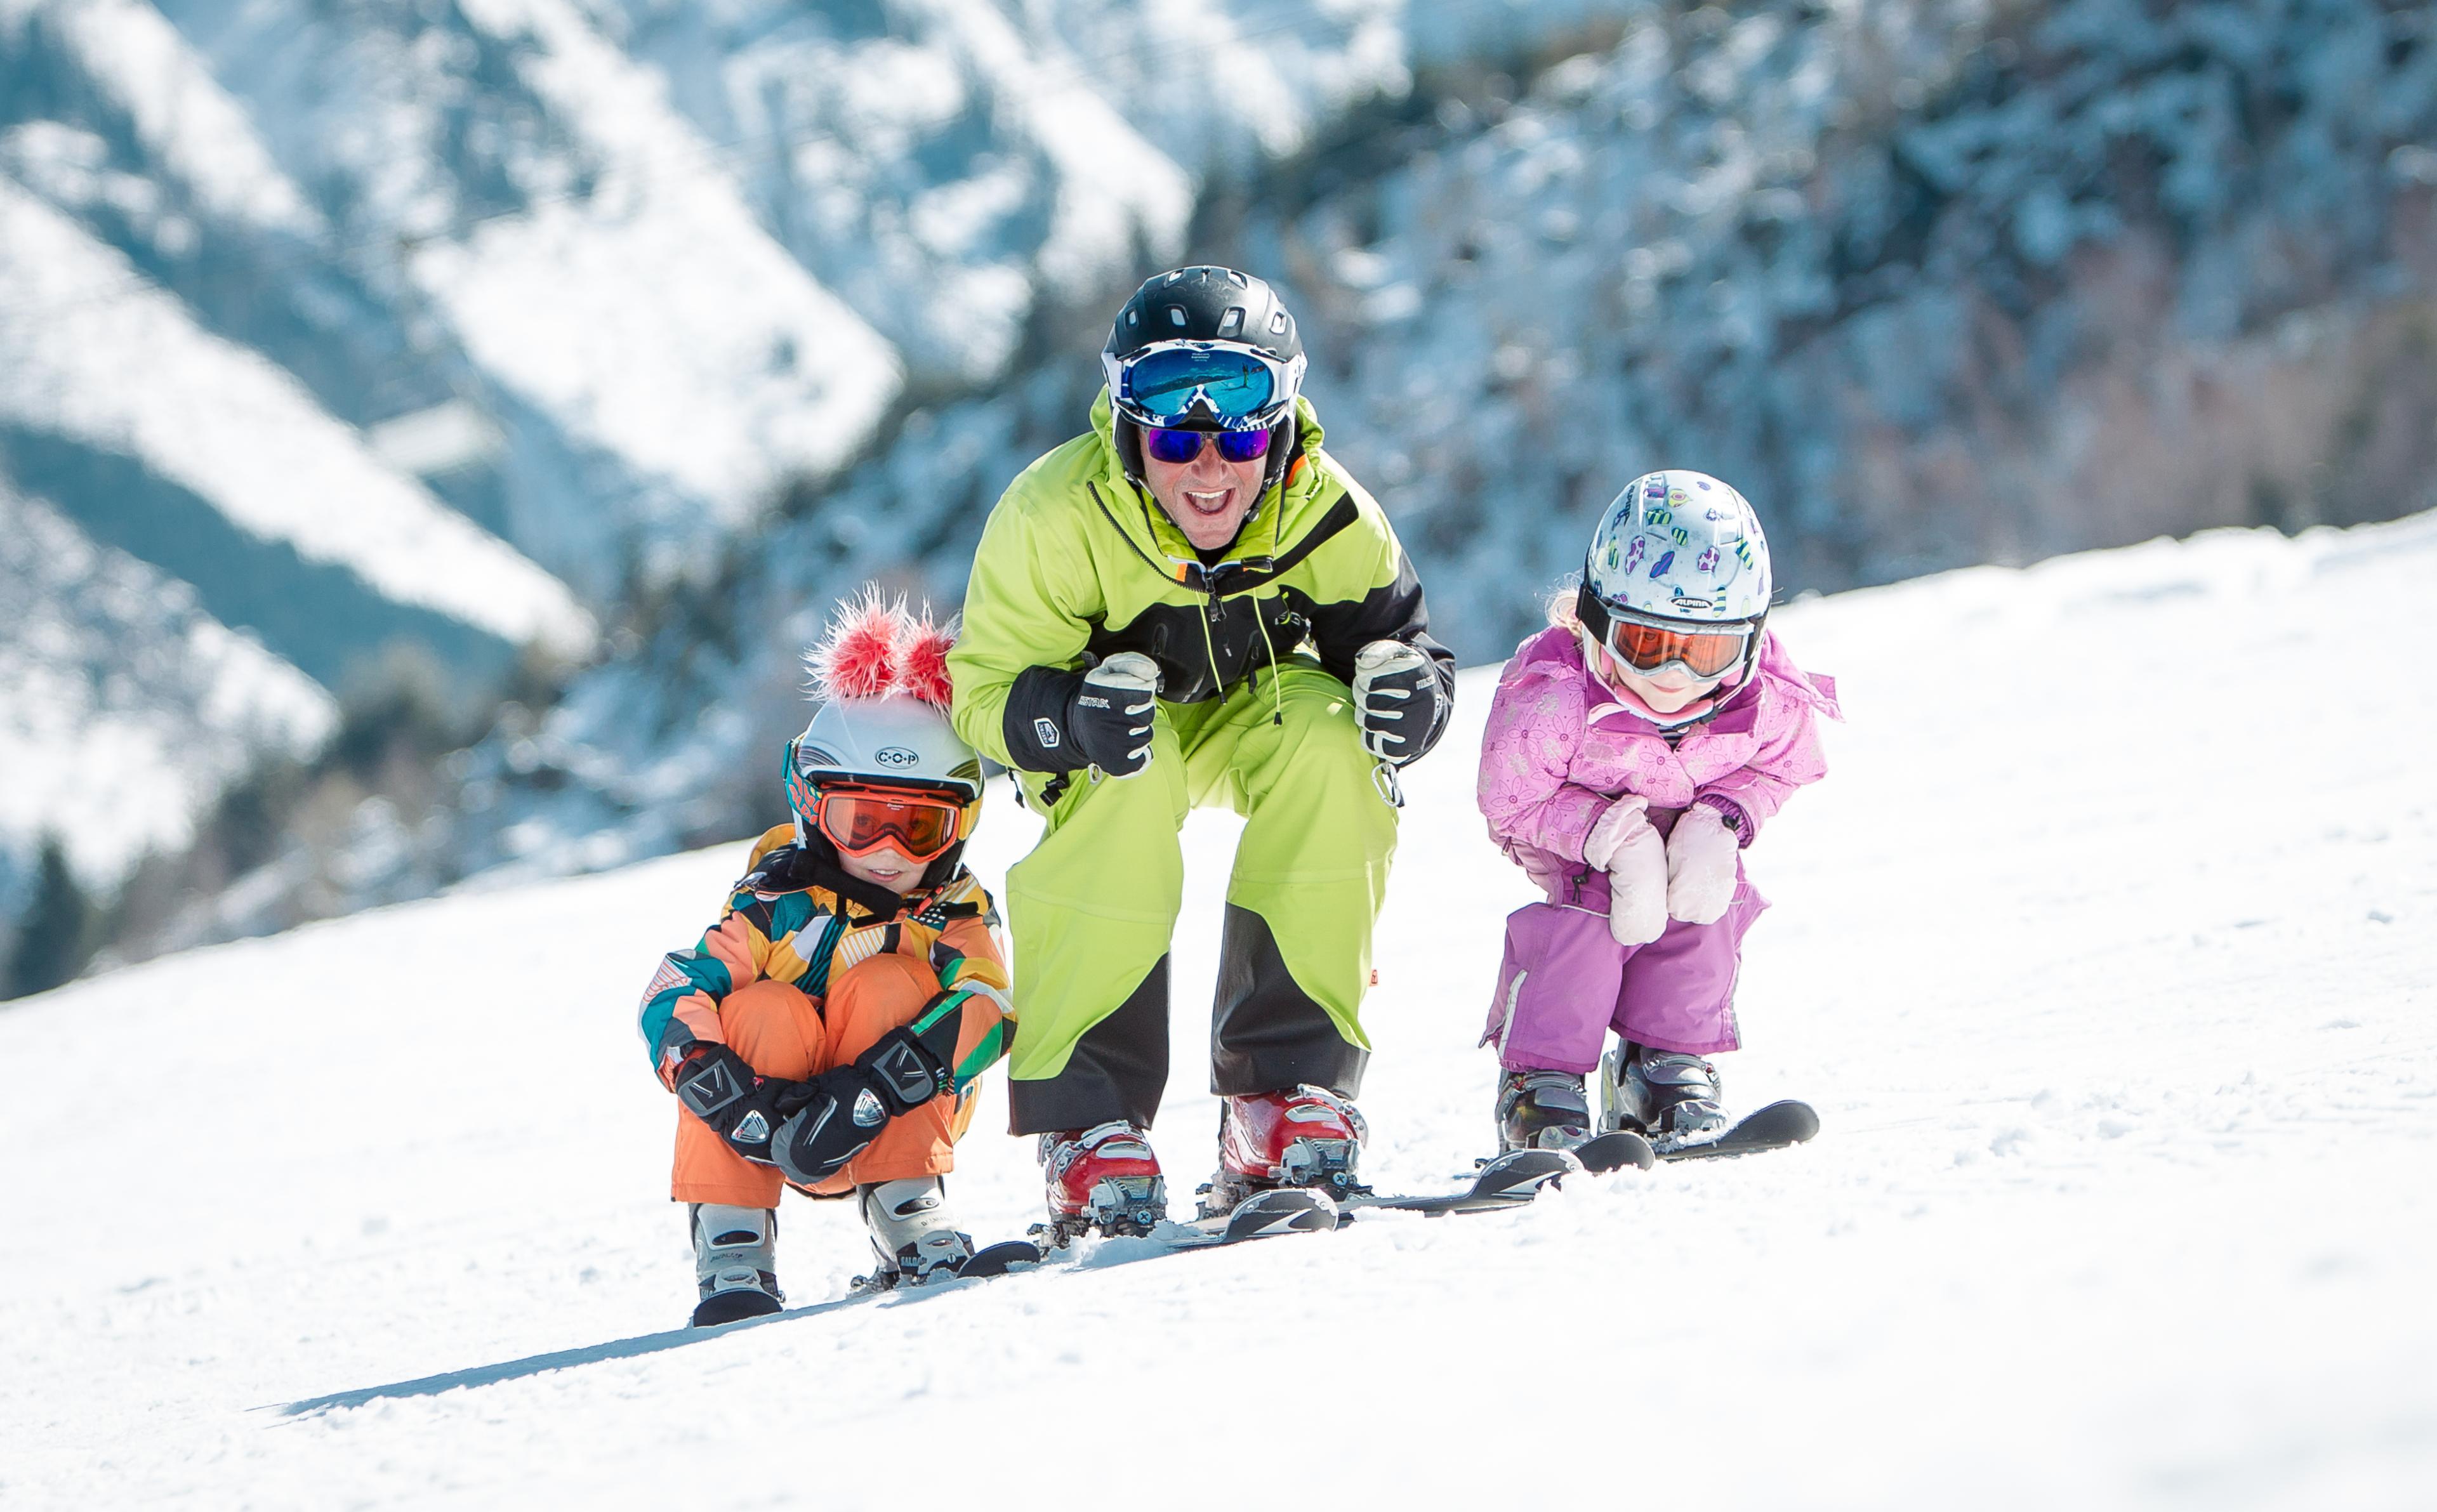 Privélessen skiën voor kinderen - Middag